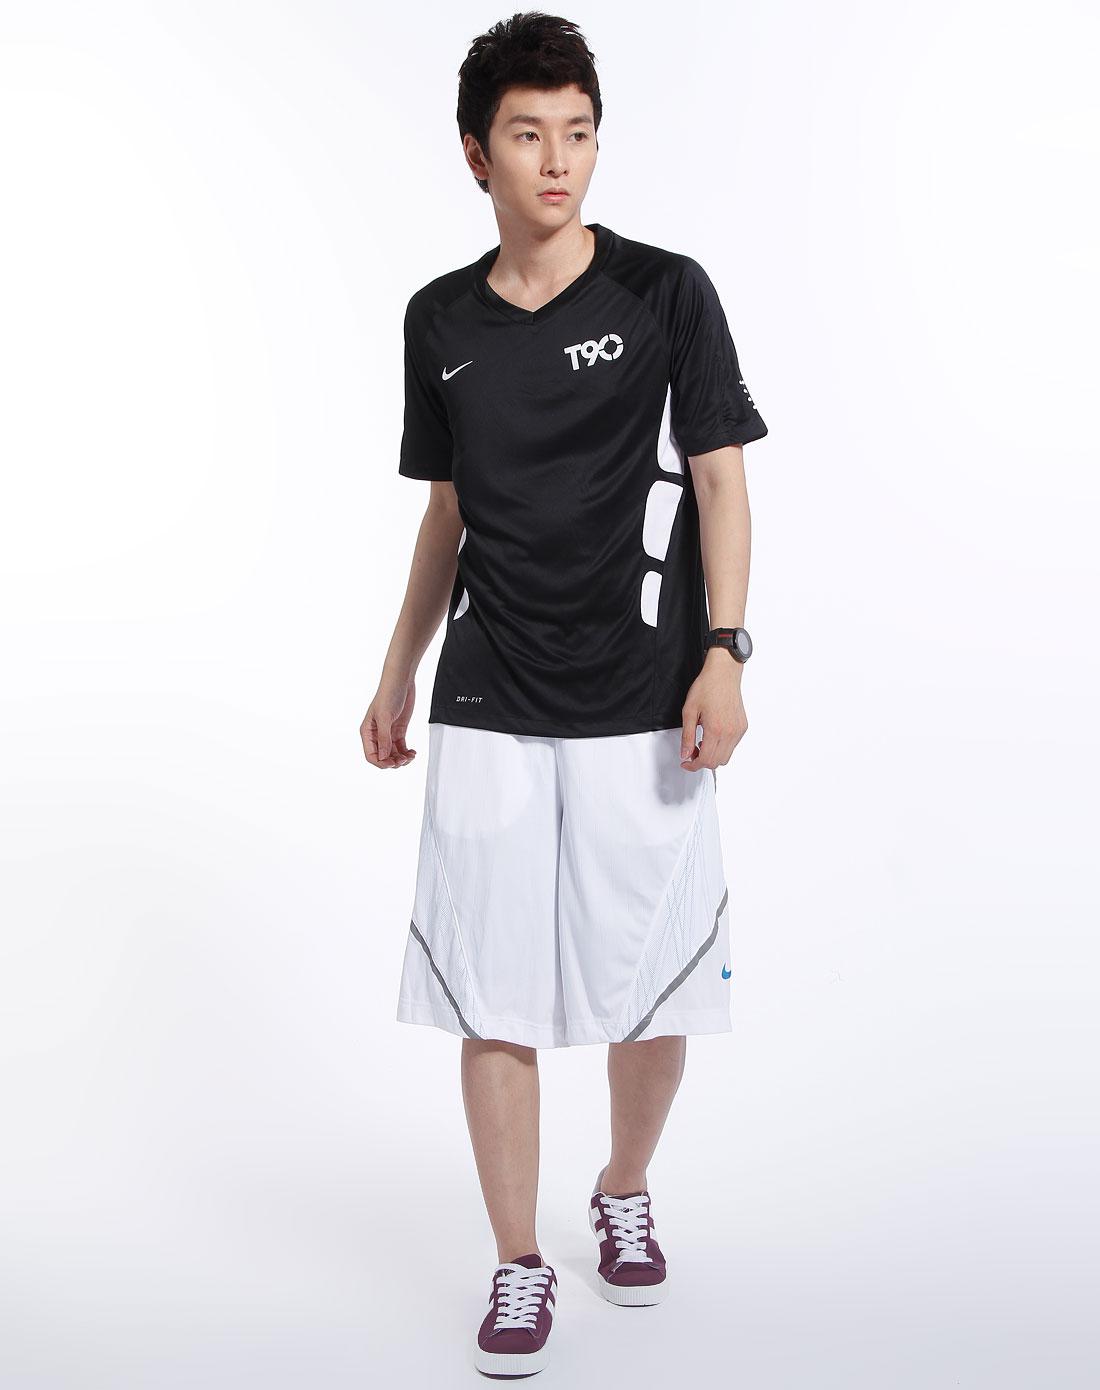 耐克nike-男装专场黑色运动短袖针织衫